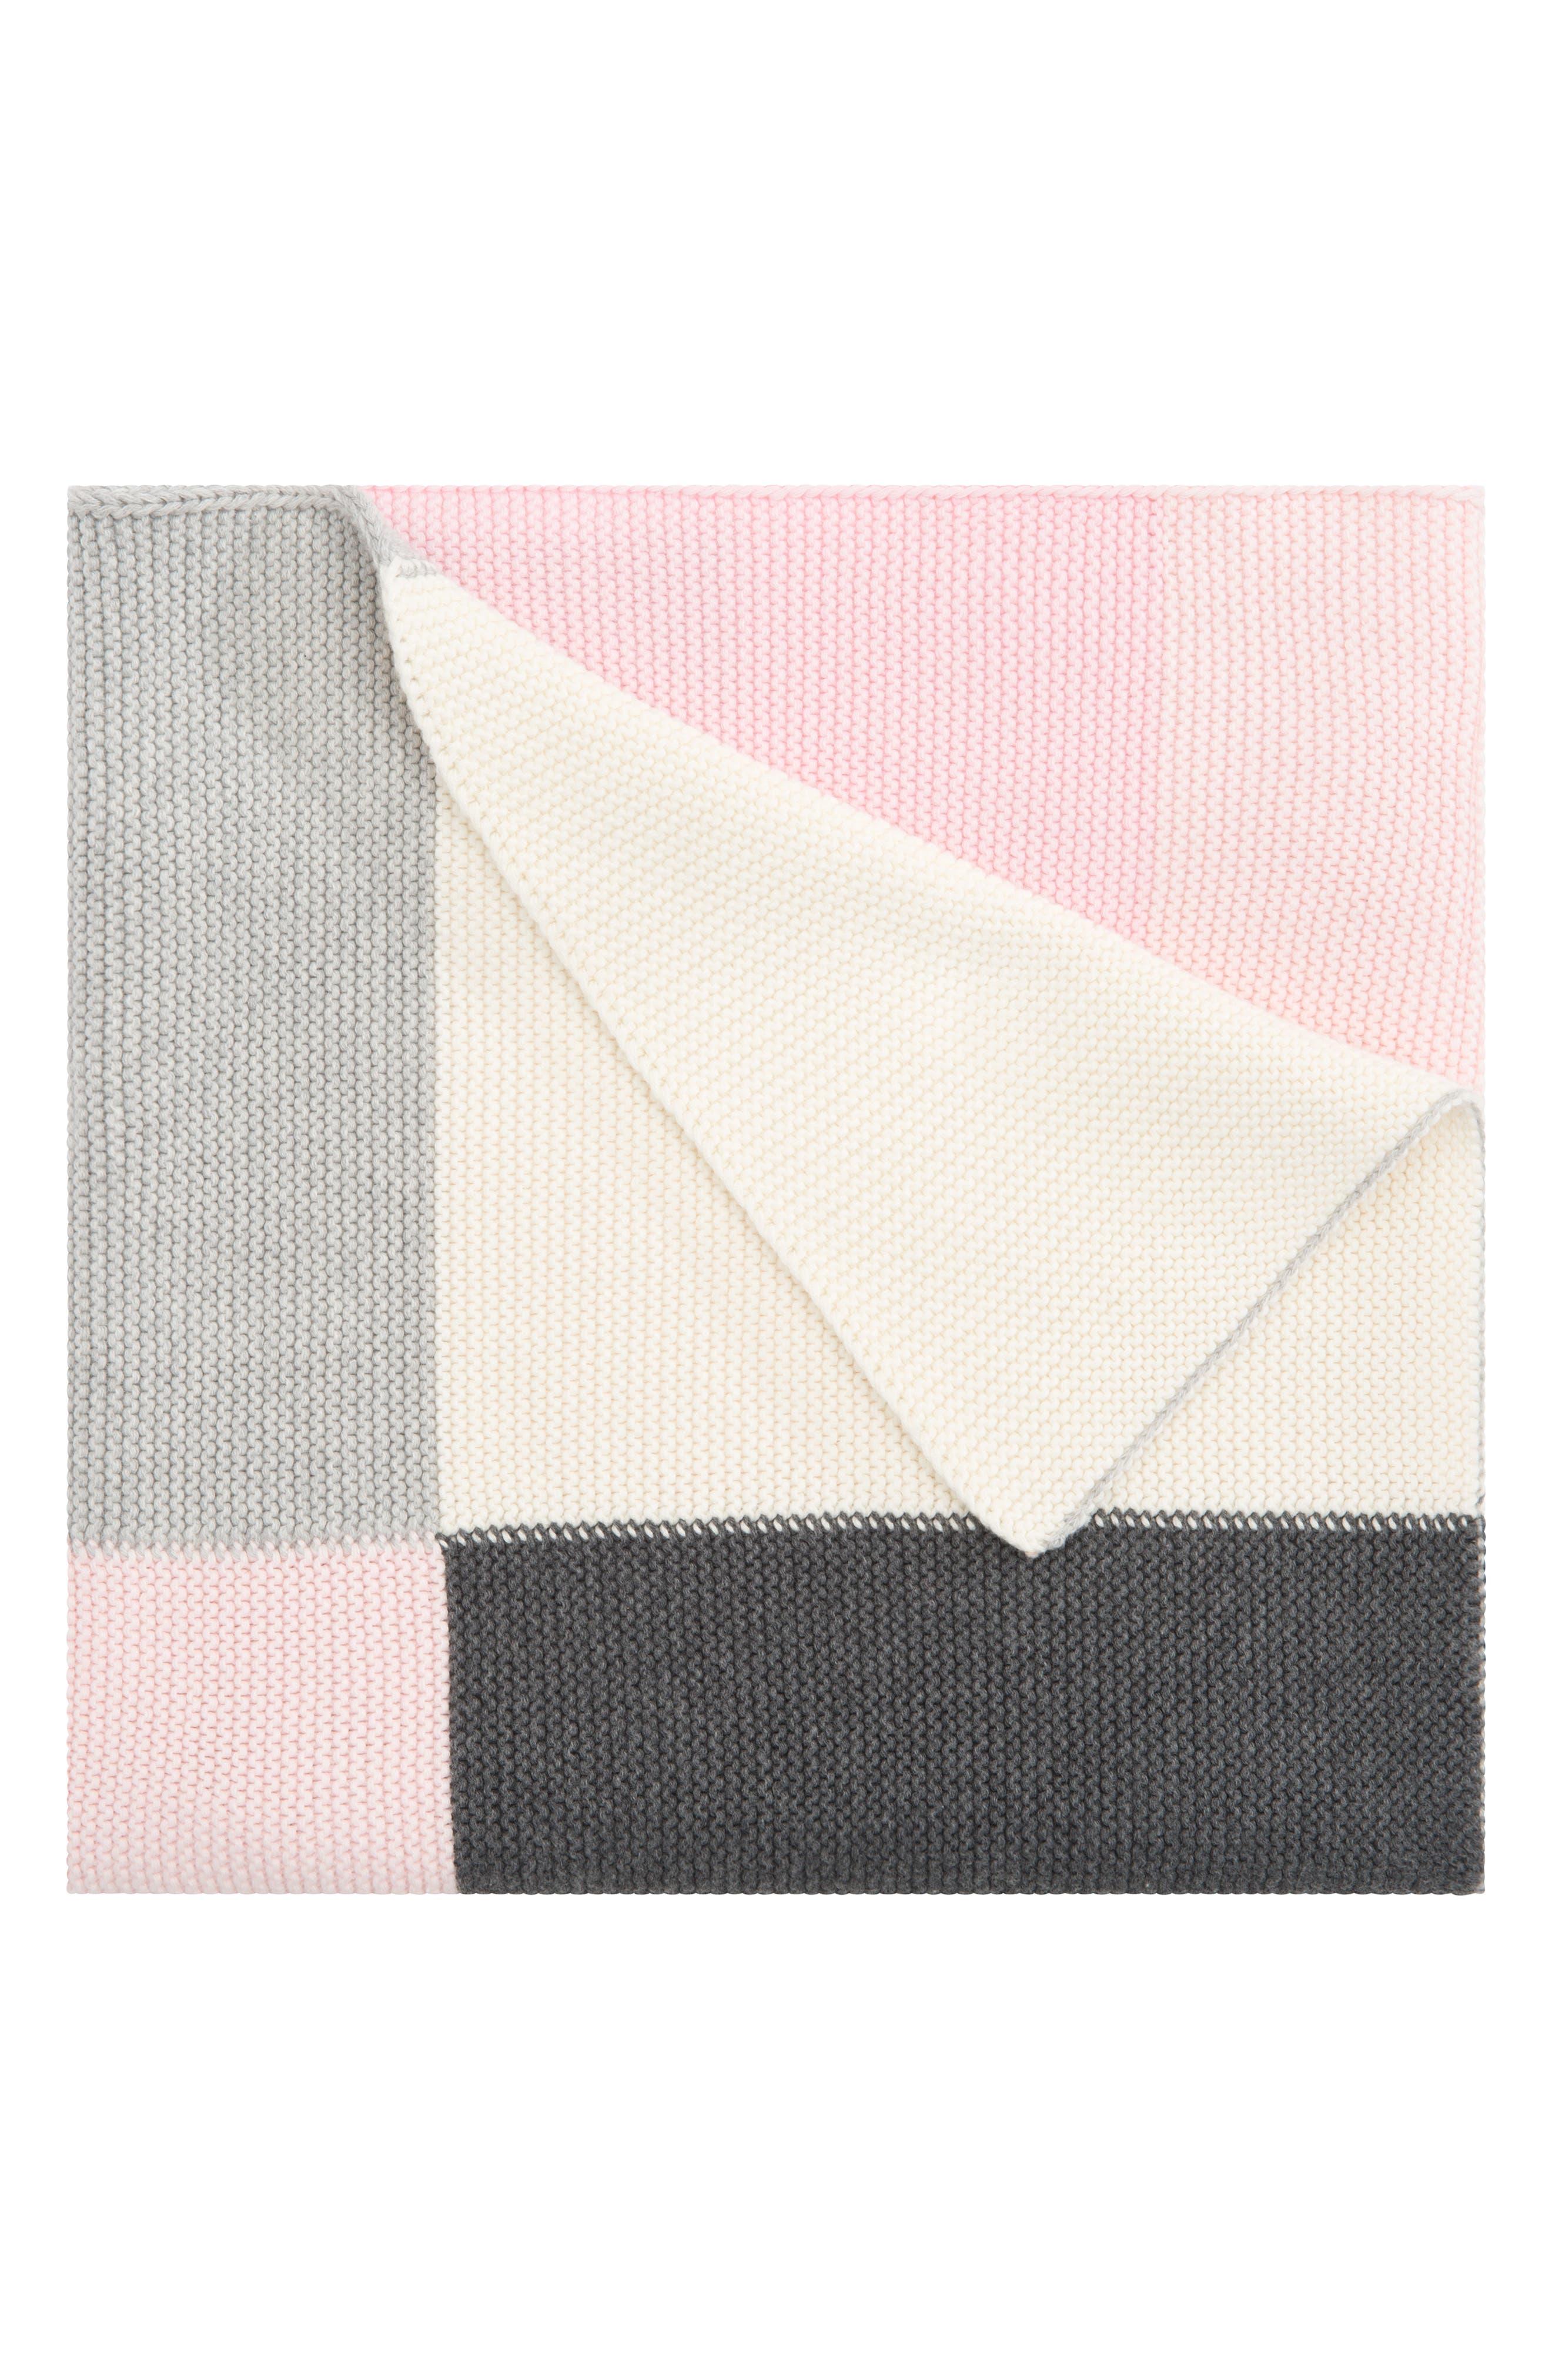 'Patchwork' Knit Blanket,                         Main,                         color, Light Pink